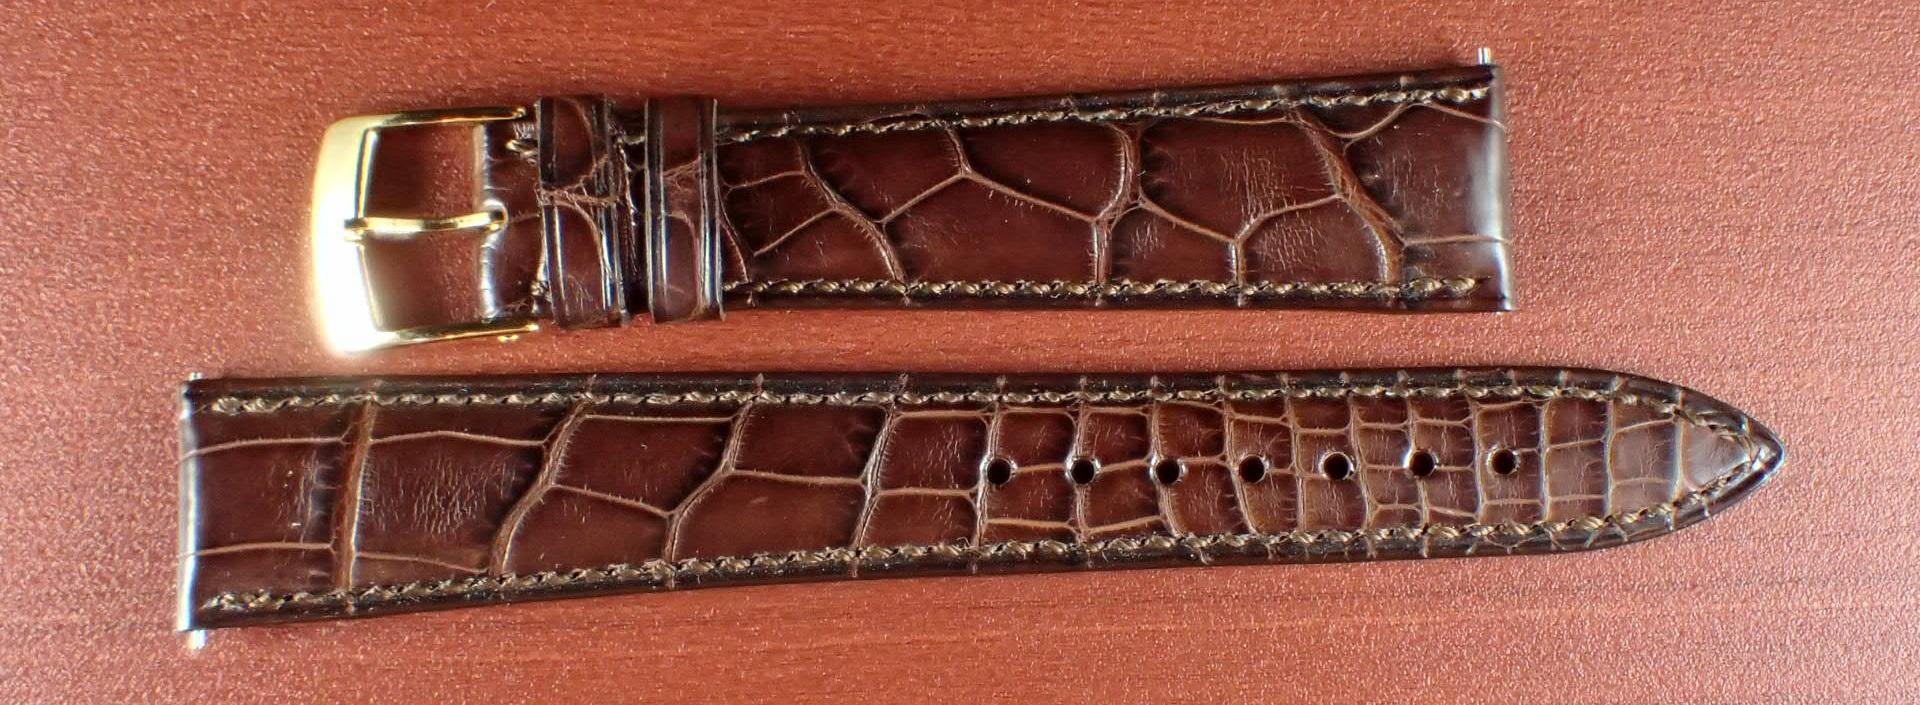 ジャン・クロード ペラン革ベルト(オールドペラン)クロコダイル ダークブラウン 17mm 手縫い